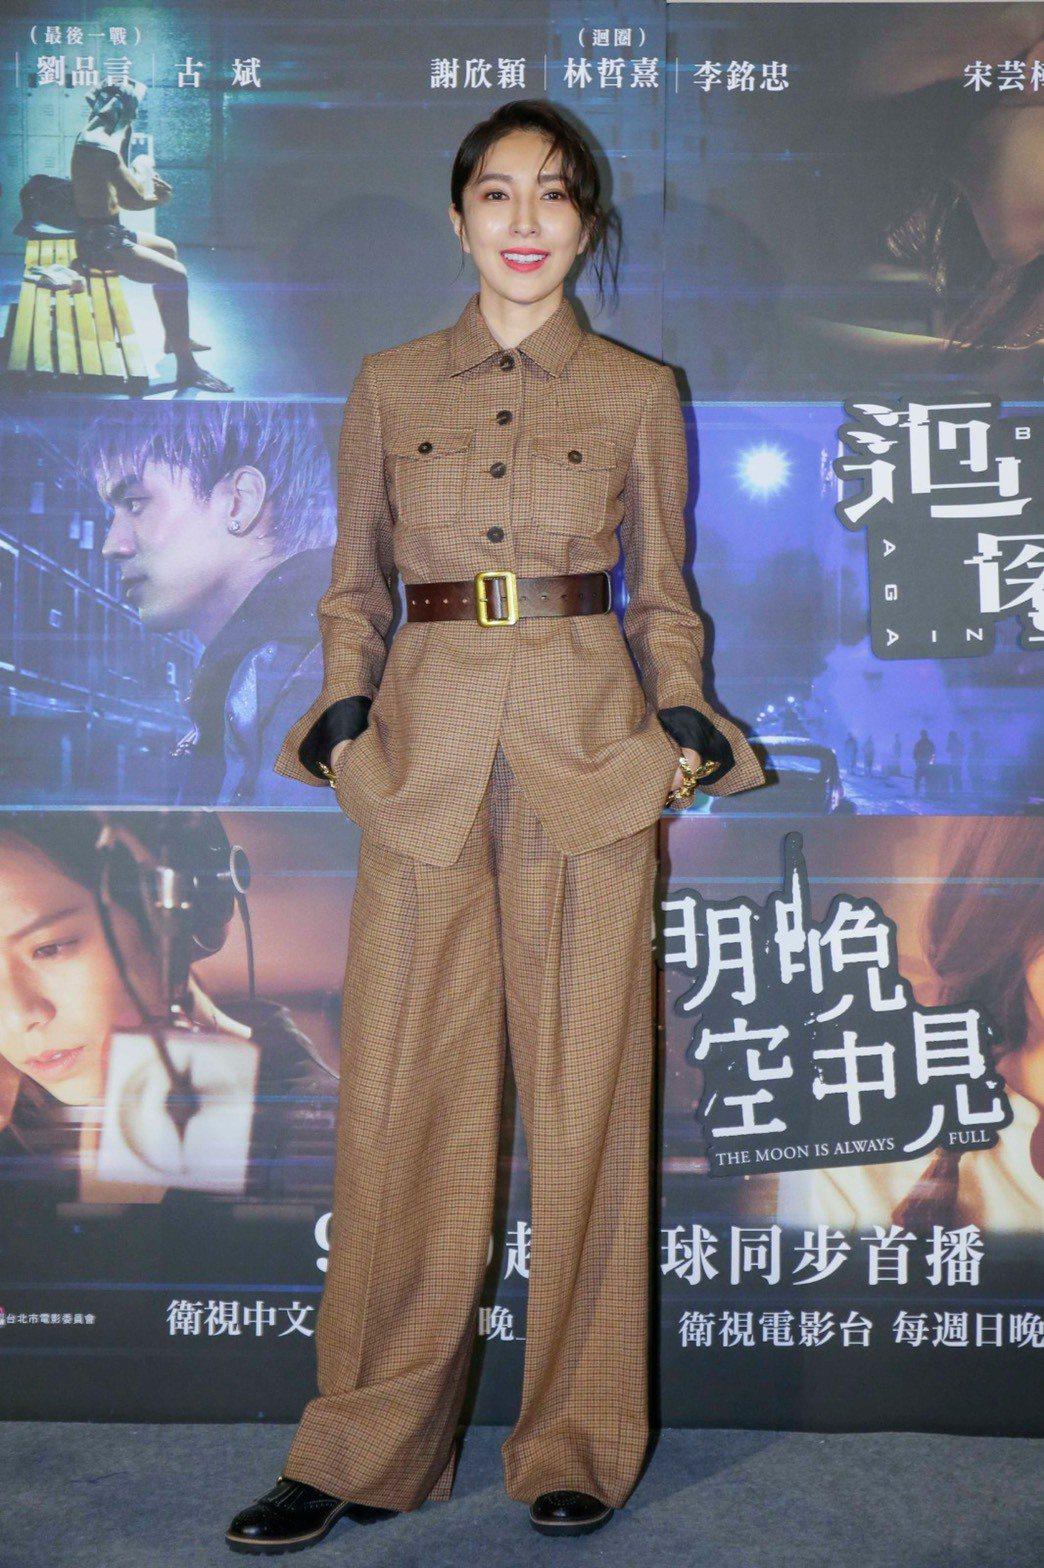 楊謹華在「明晚空中見」中飾演患有憂鬱症的媽媽。圖/衛視中文台提供